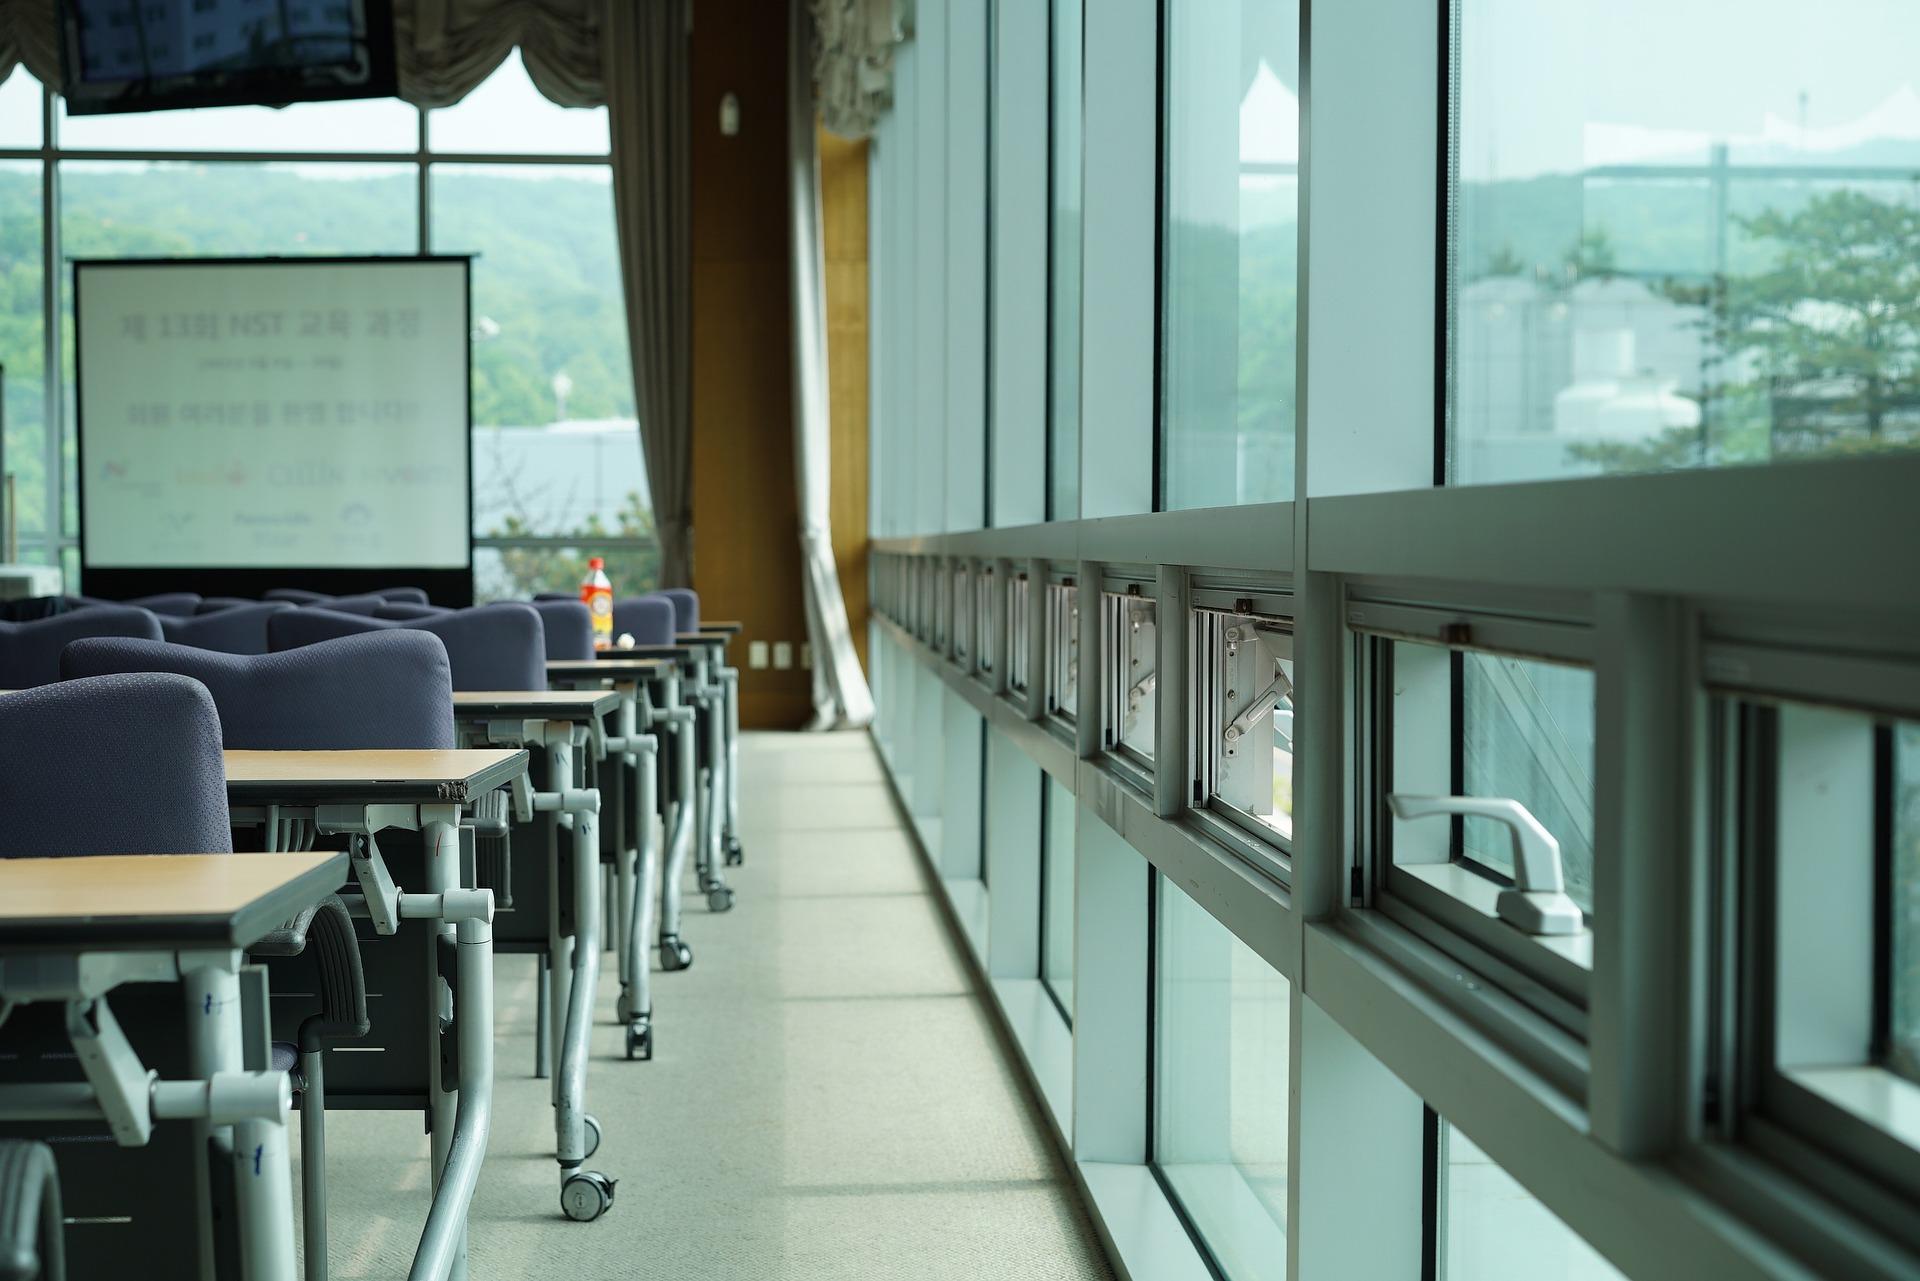 Enobox Experiencias te soluciona la localización de espacios para jornadas de formación de empresas.